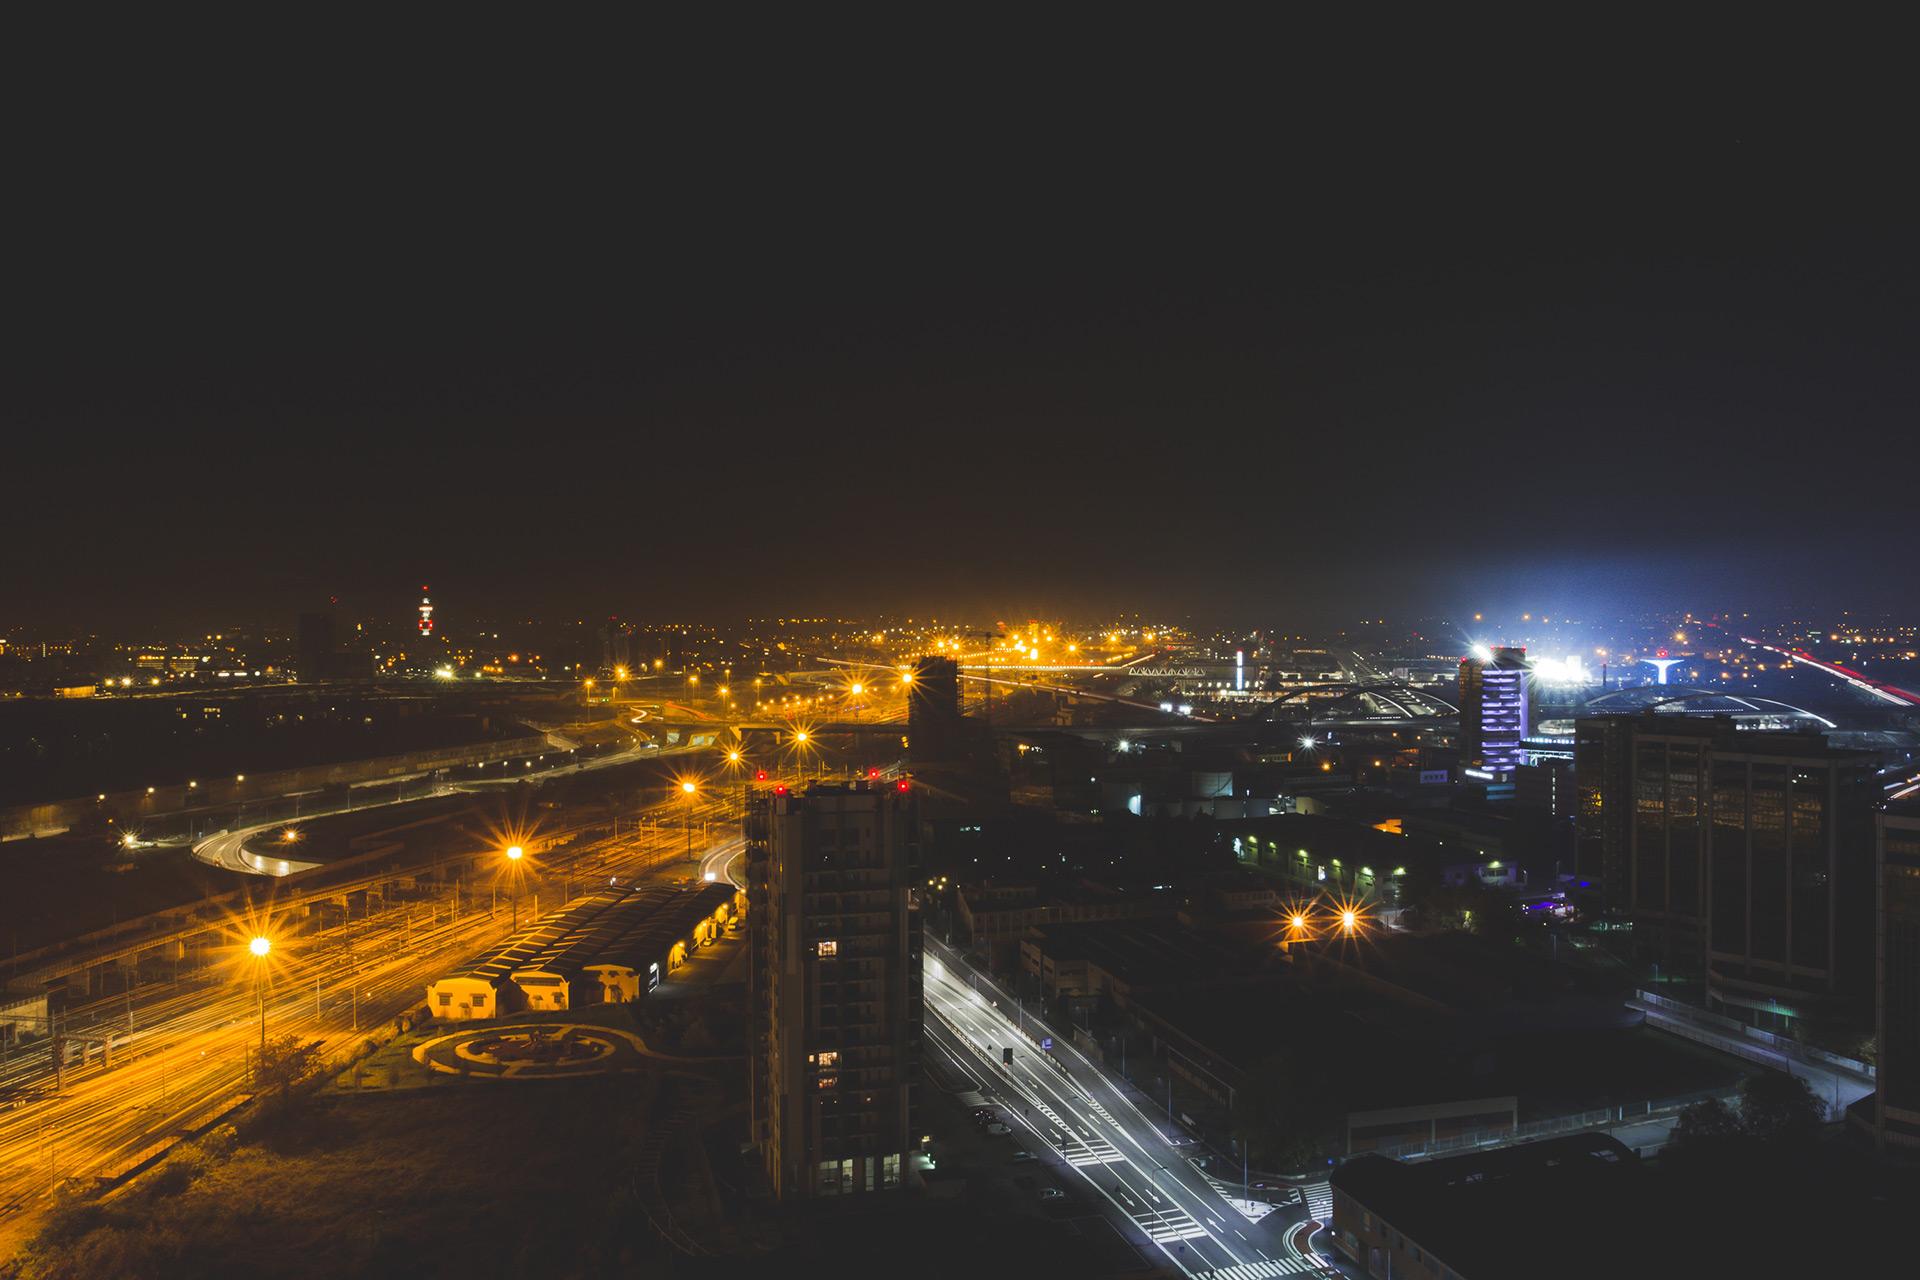 Vom 22. Stock im Riders Hotel hatte man eine feine Aussicht auf Mailand, das Expo Gelände und die beleuchtete Rampe.